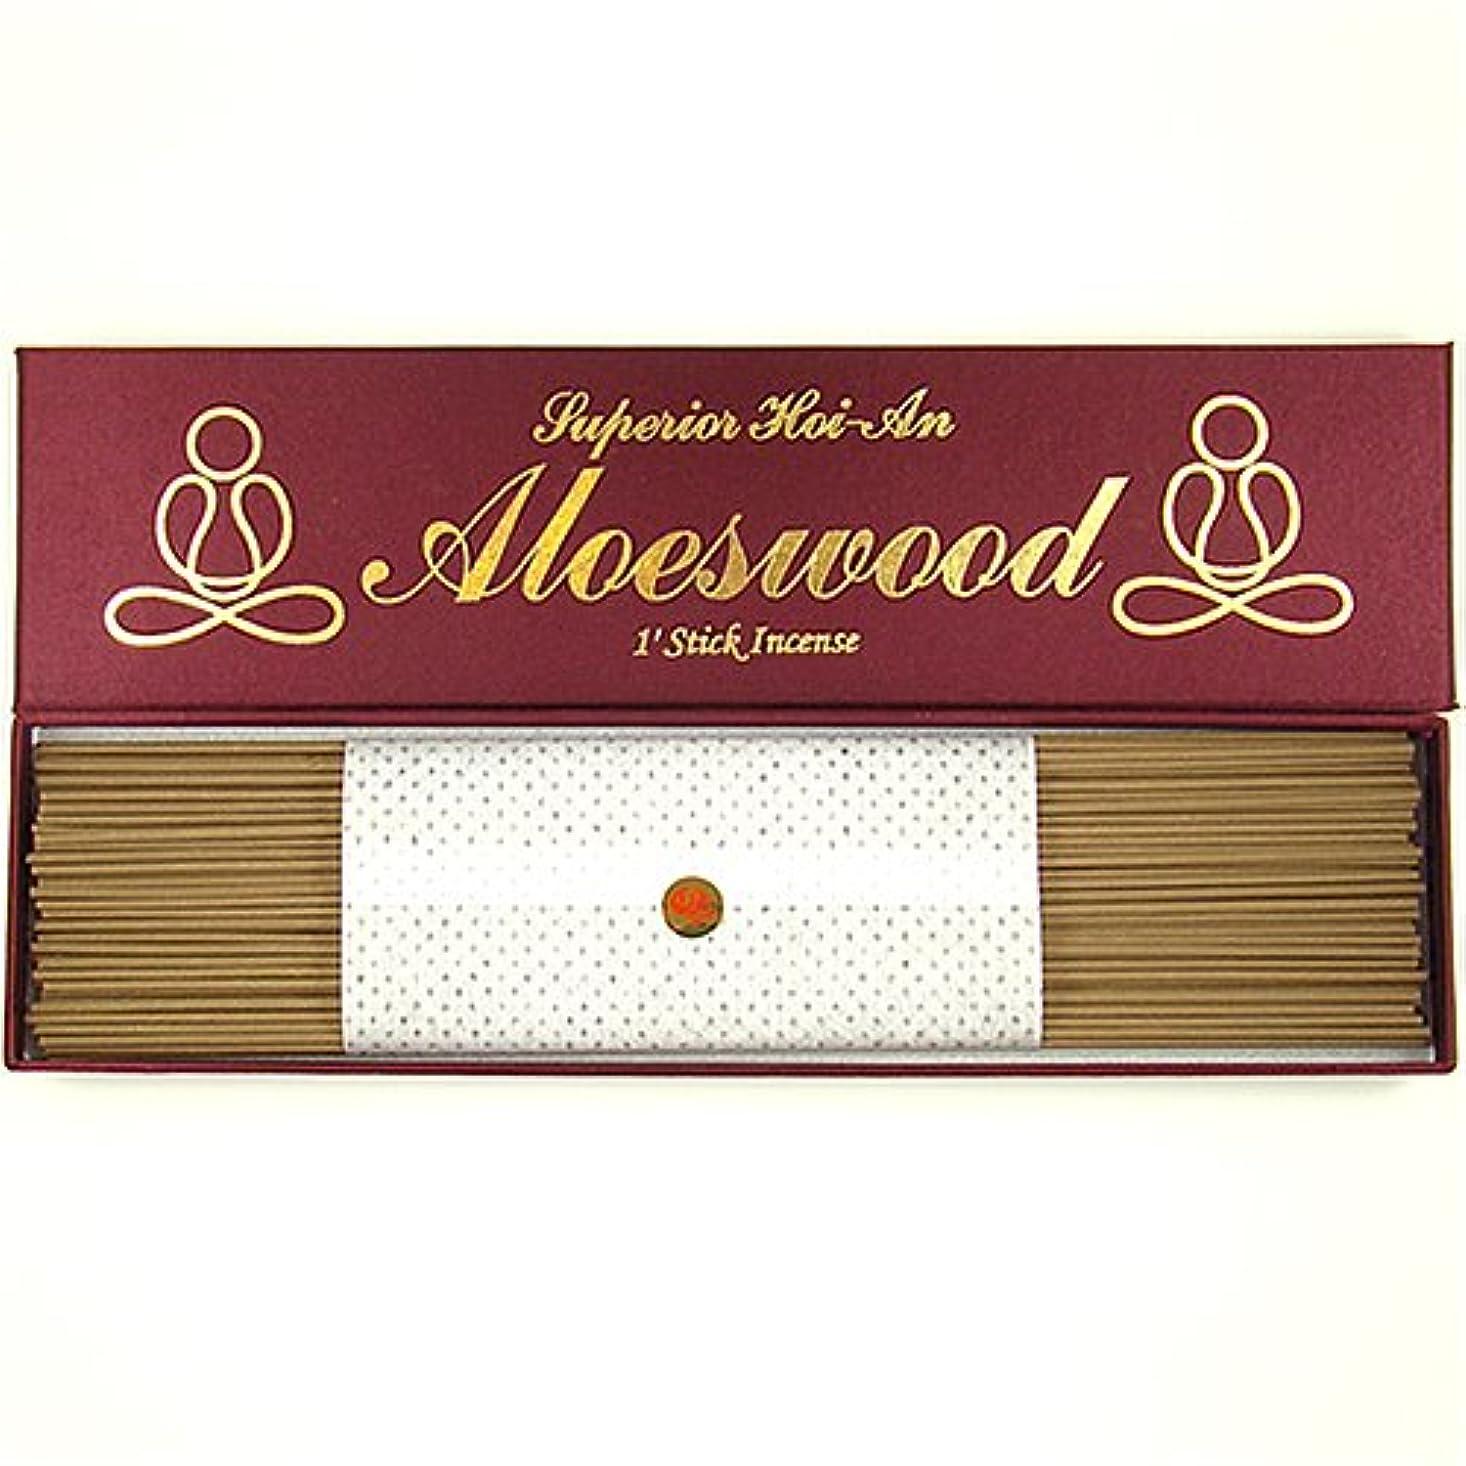 締める入り口へこみ優れたグレードベトナム語hoi-an (jinko) Aloeswood – 1 ' Stick Incense – 100 % Natural – g105s